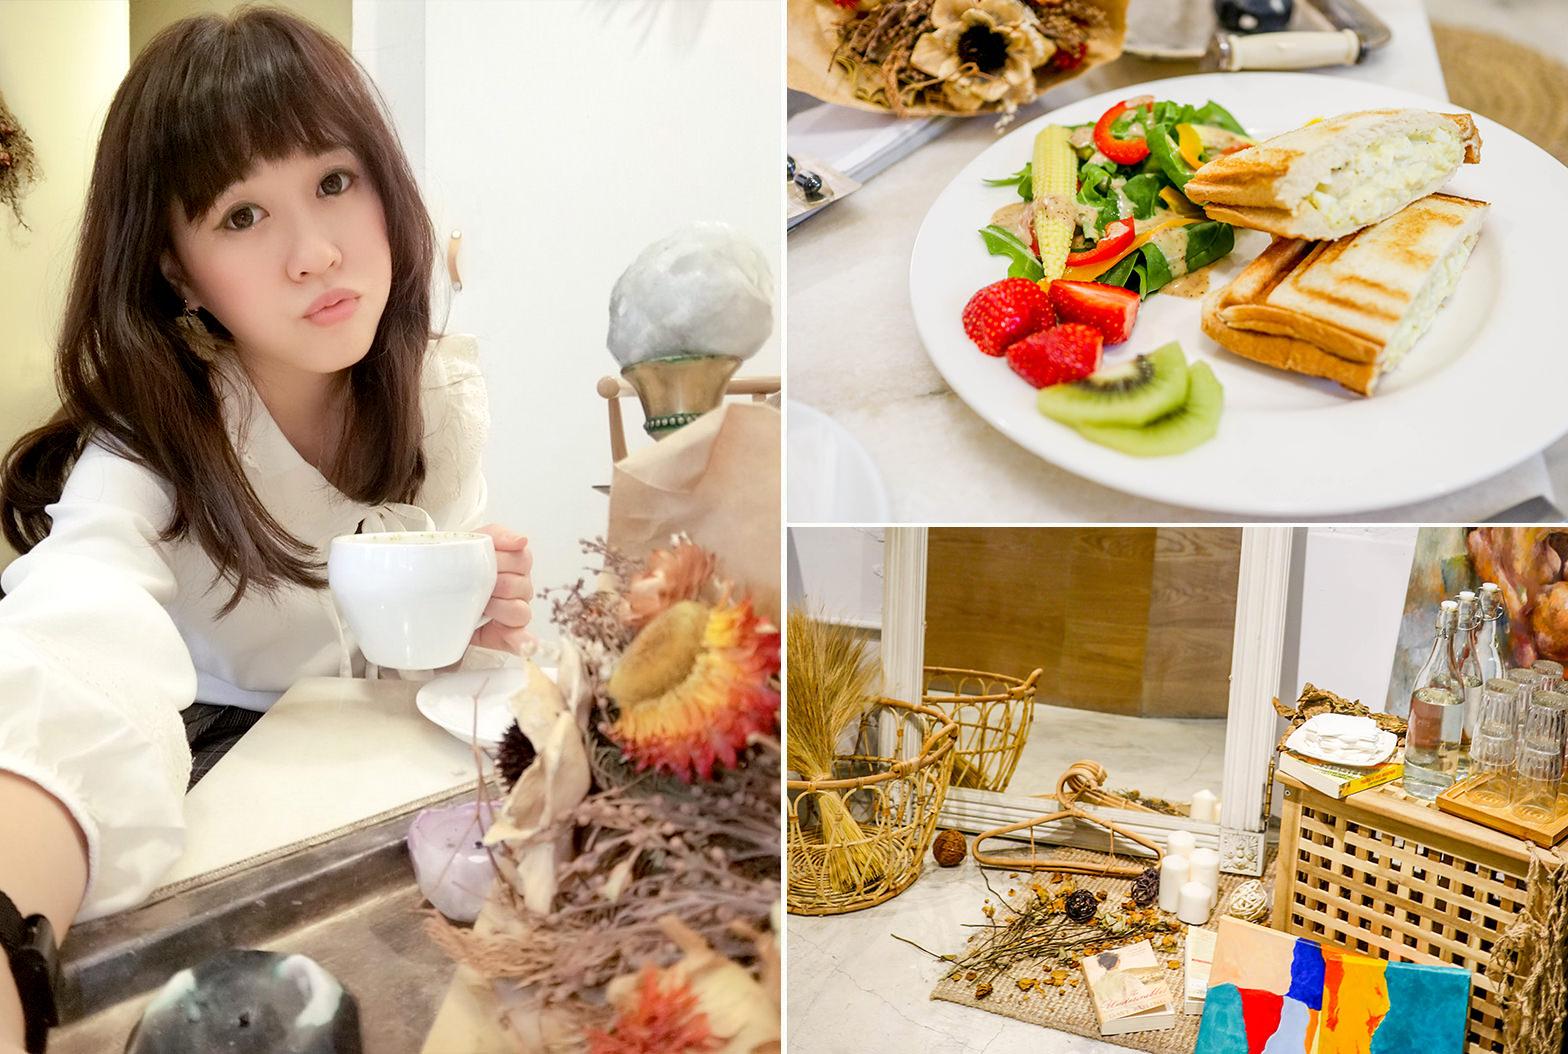 台北中山站,中山站咖啡廳,走進屋子裡,House go in,韓系咖啡廳,甜點下午茶,熱門打卡點,捷運站美食